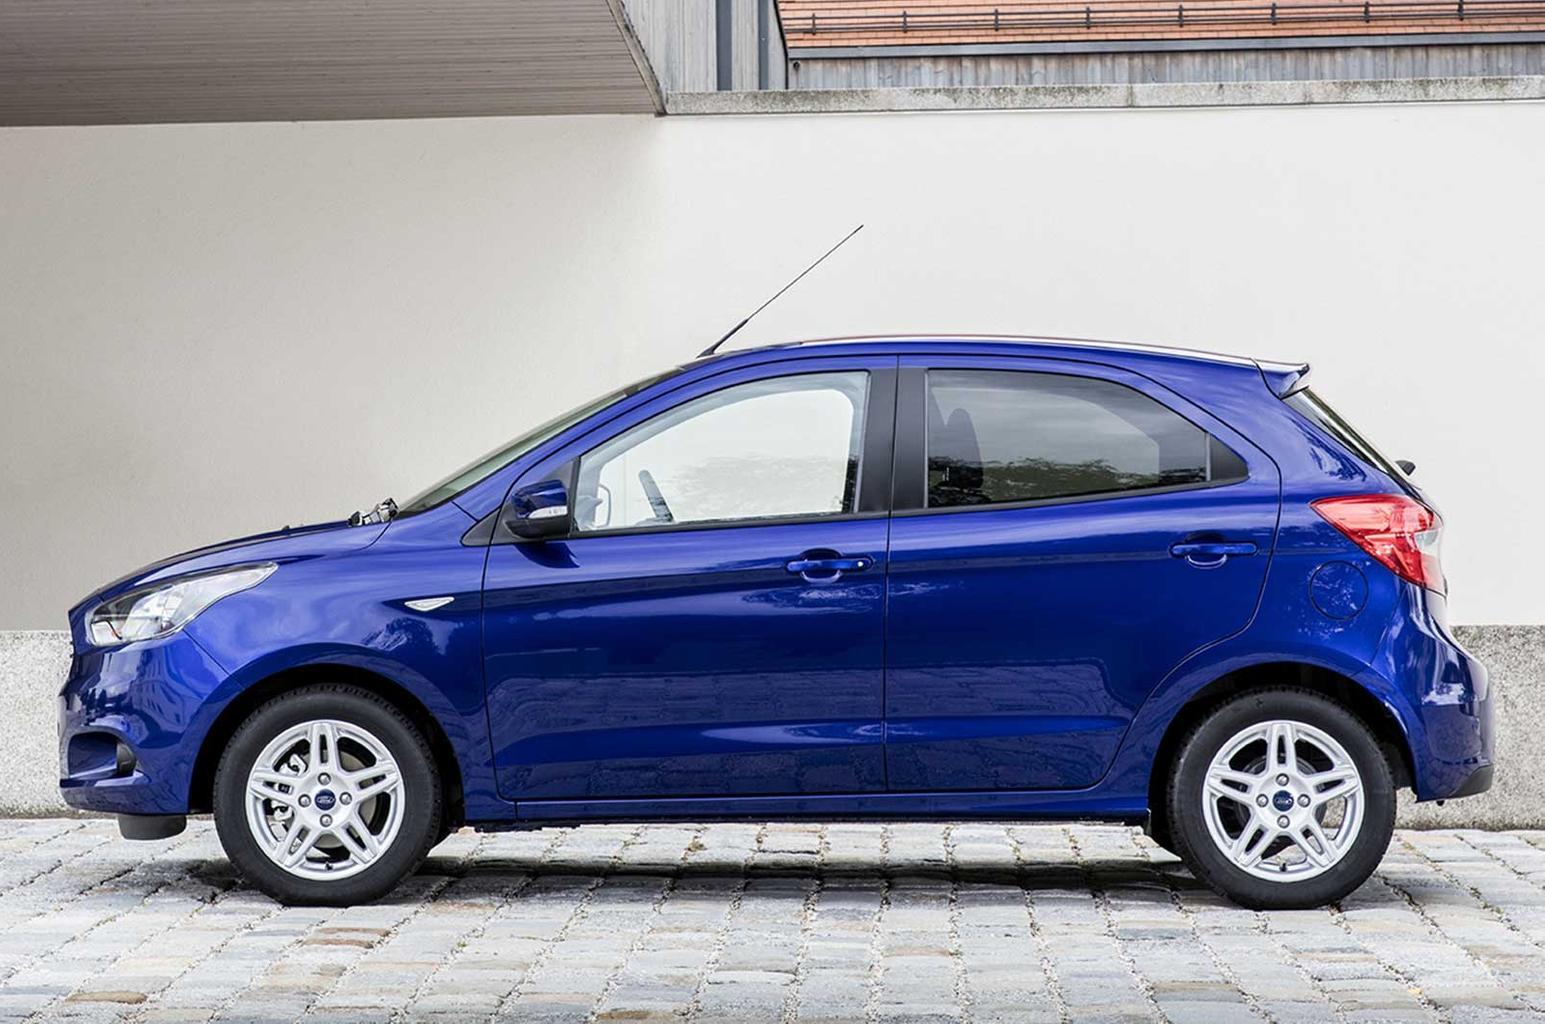 New Ford KA+ to rival Vauxhall Viva and Dacia Sandero